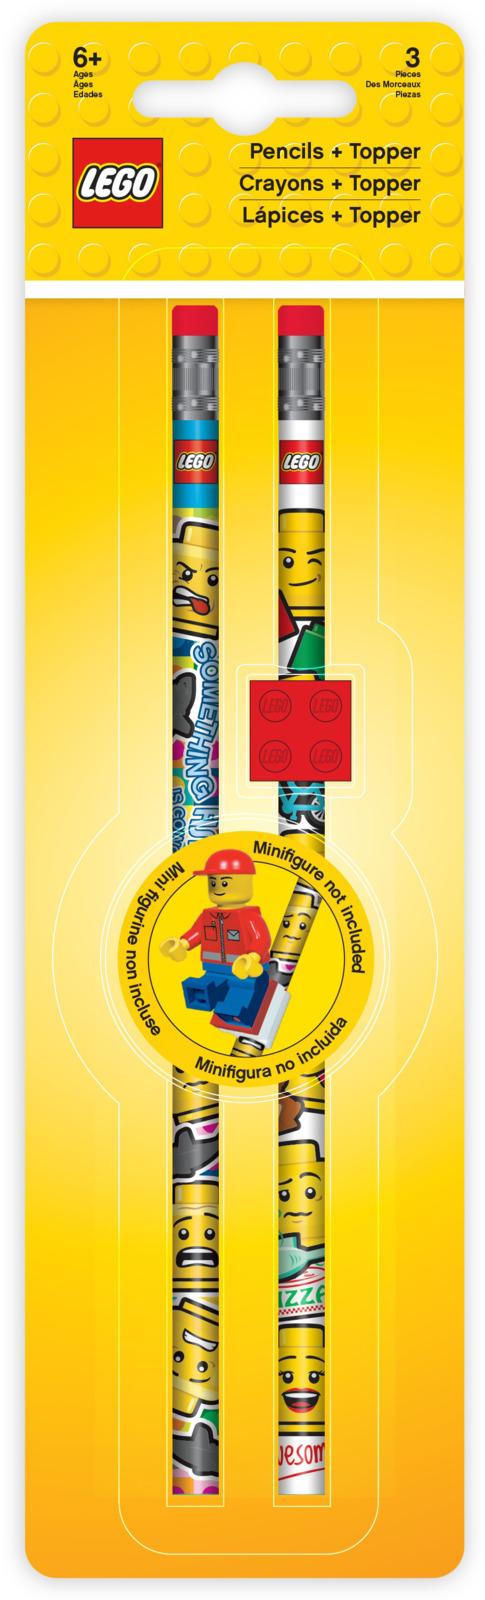 Набор карандашей чернографитных LEGO Iconic, с насадкой, 2 шт pipedream vibrating mini sex ball черный с телесной насадкой мини мяч с вибромассажером и съемной насадкой